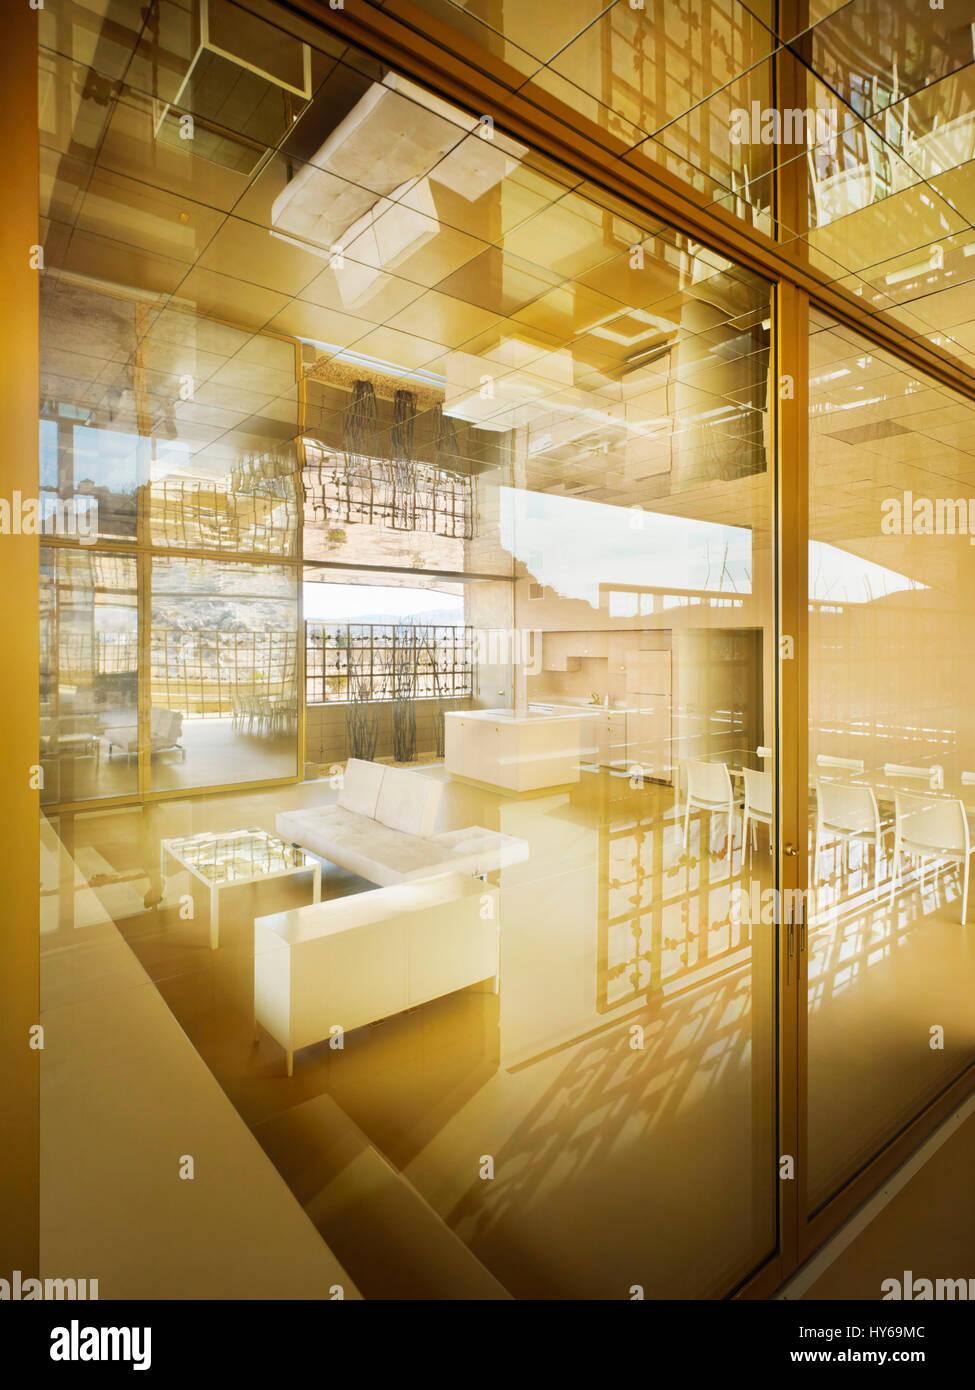 Acido Dorado: A Golden House with Golden Interiors | homeslook.info